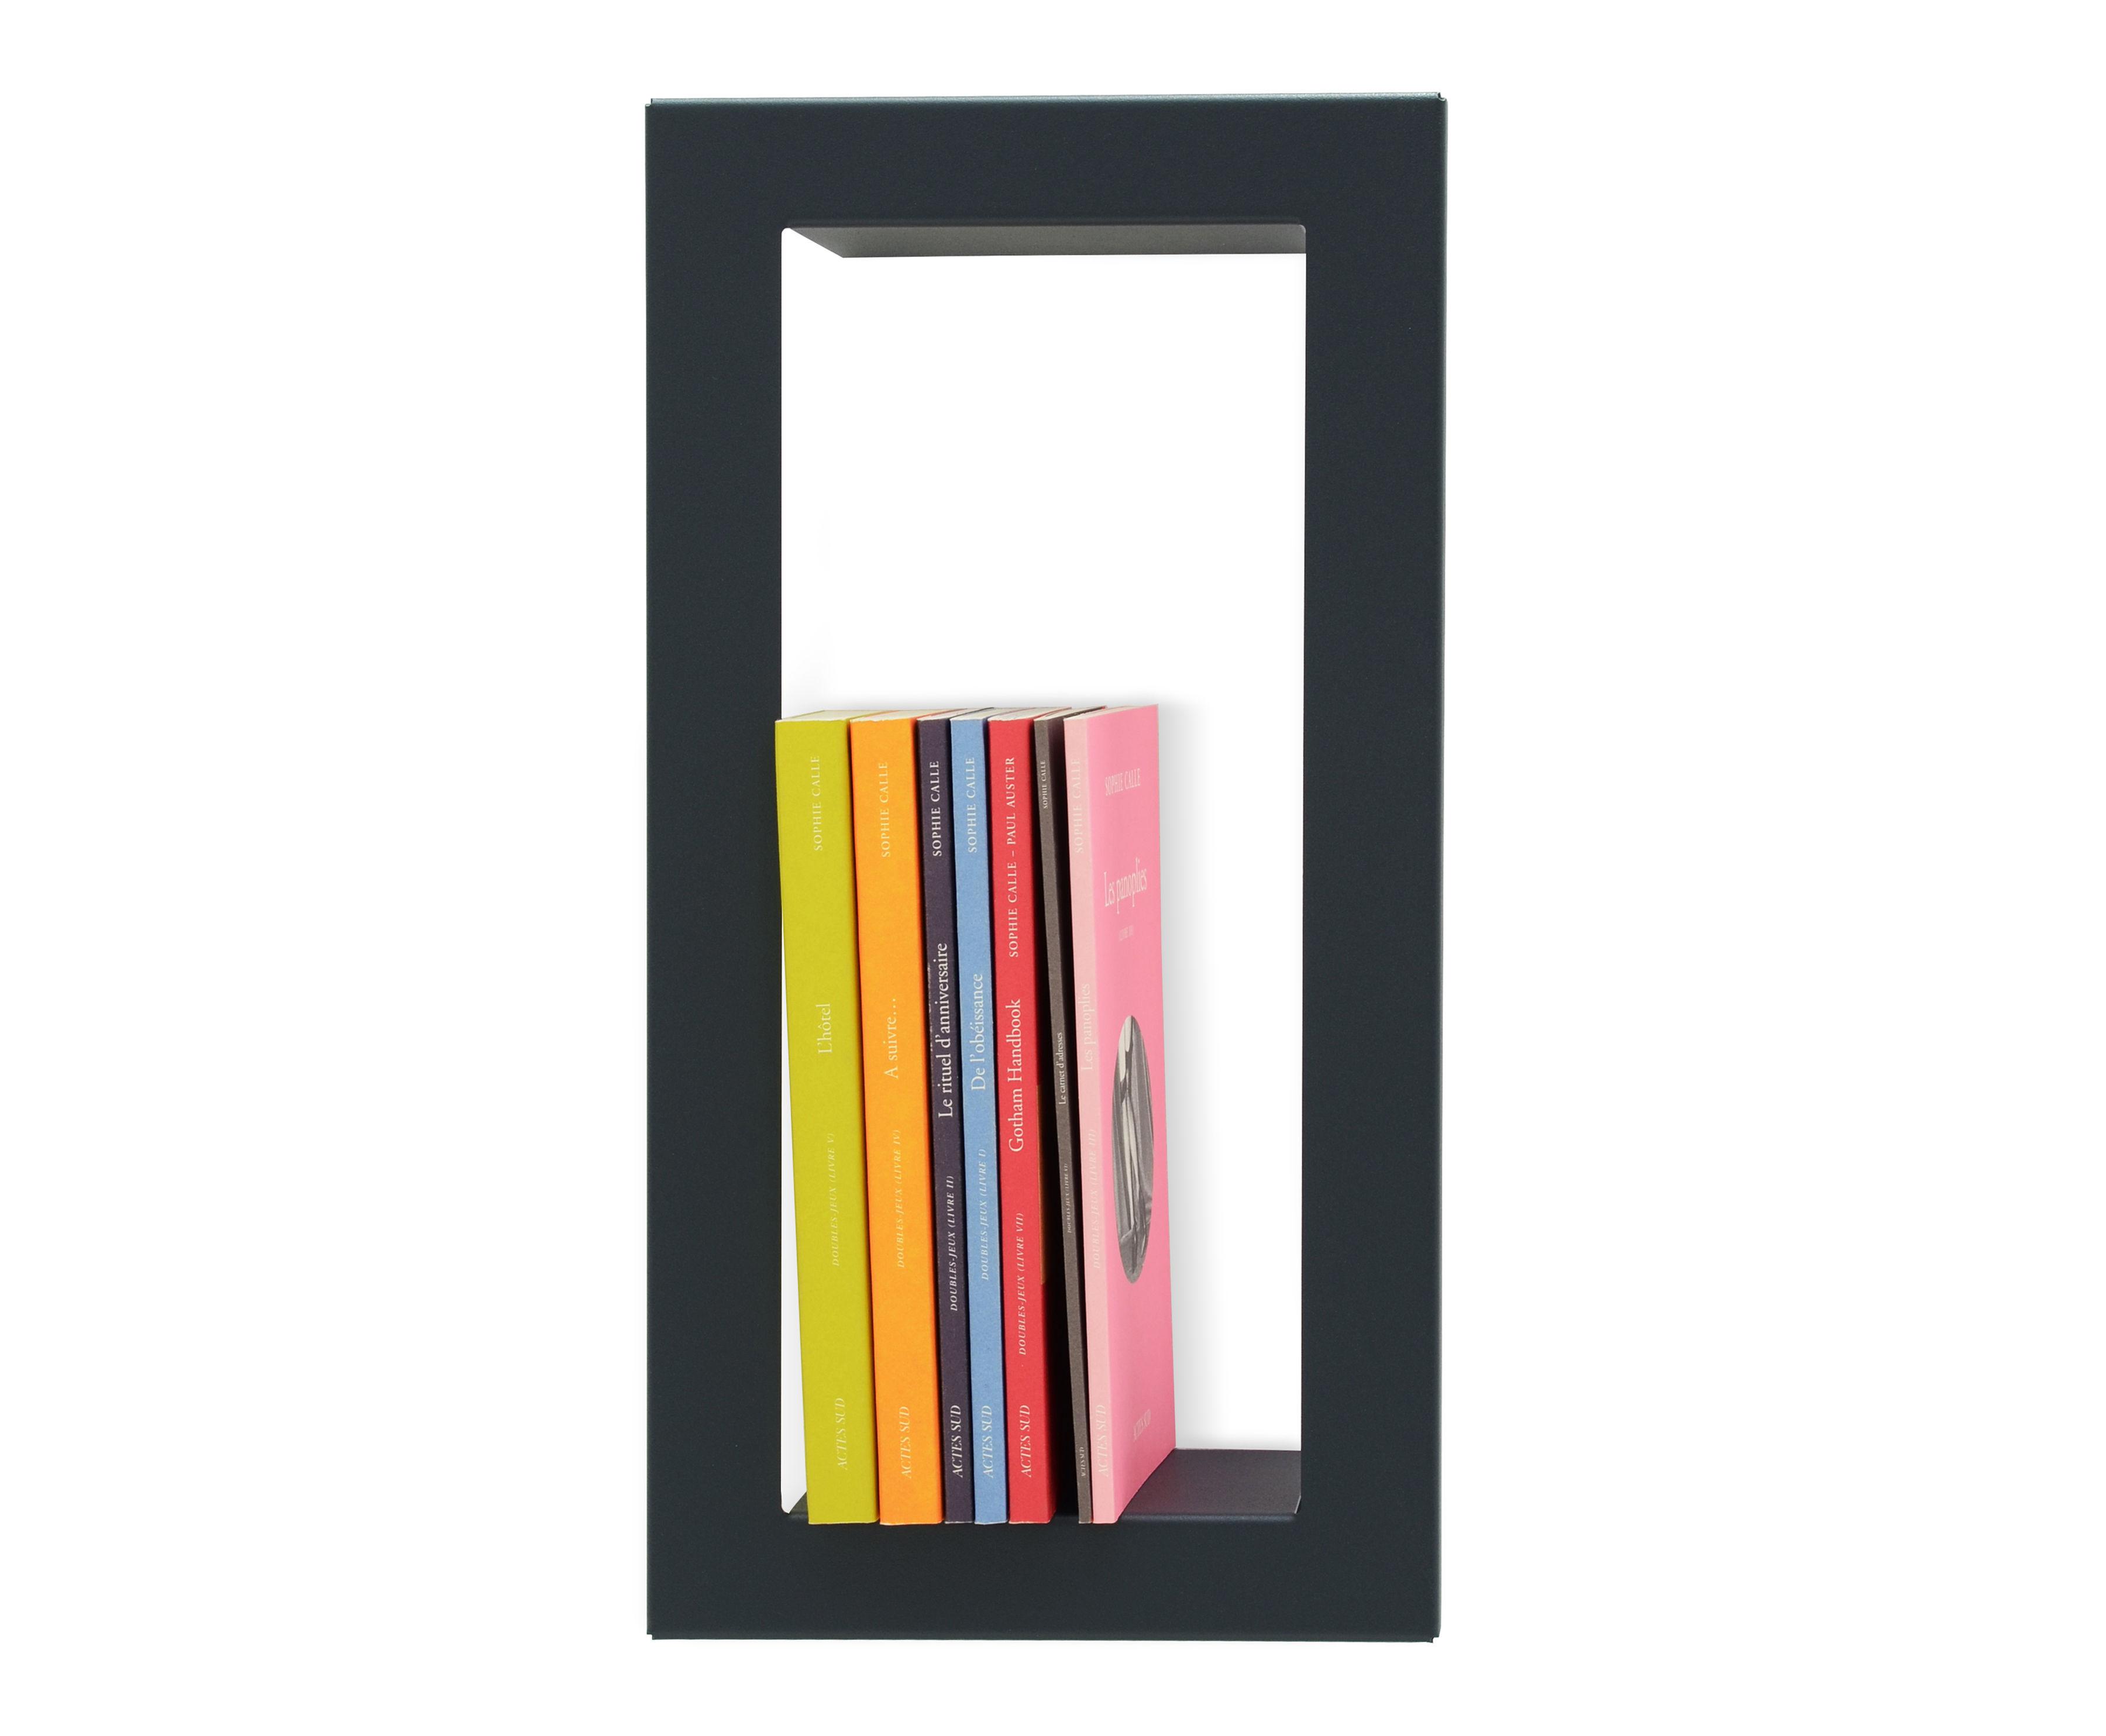 Arredamento - Scaffali e librerie - Scaffale Highstick - / Metallo - L 19 x H 36 cm di Presse citron - Ardesia - Acciaio laccato